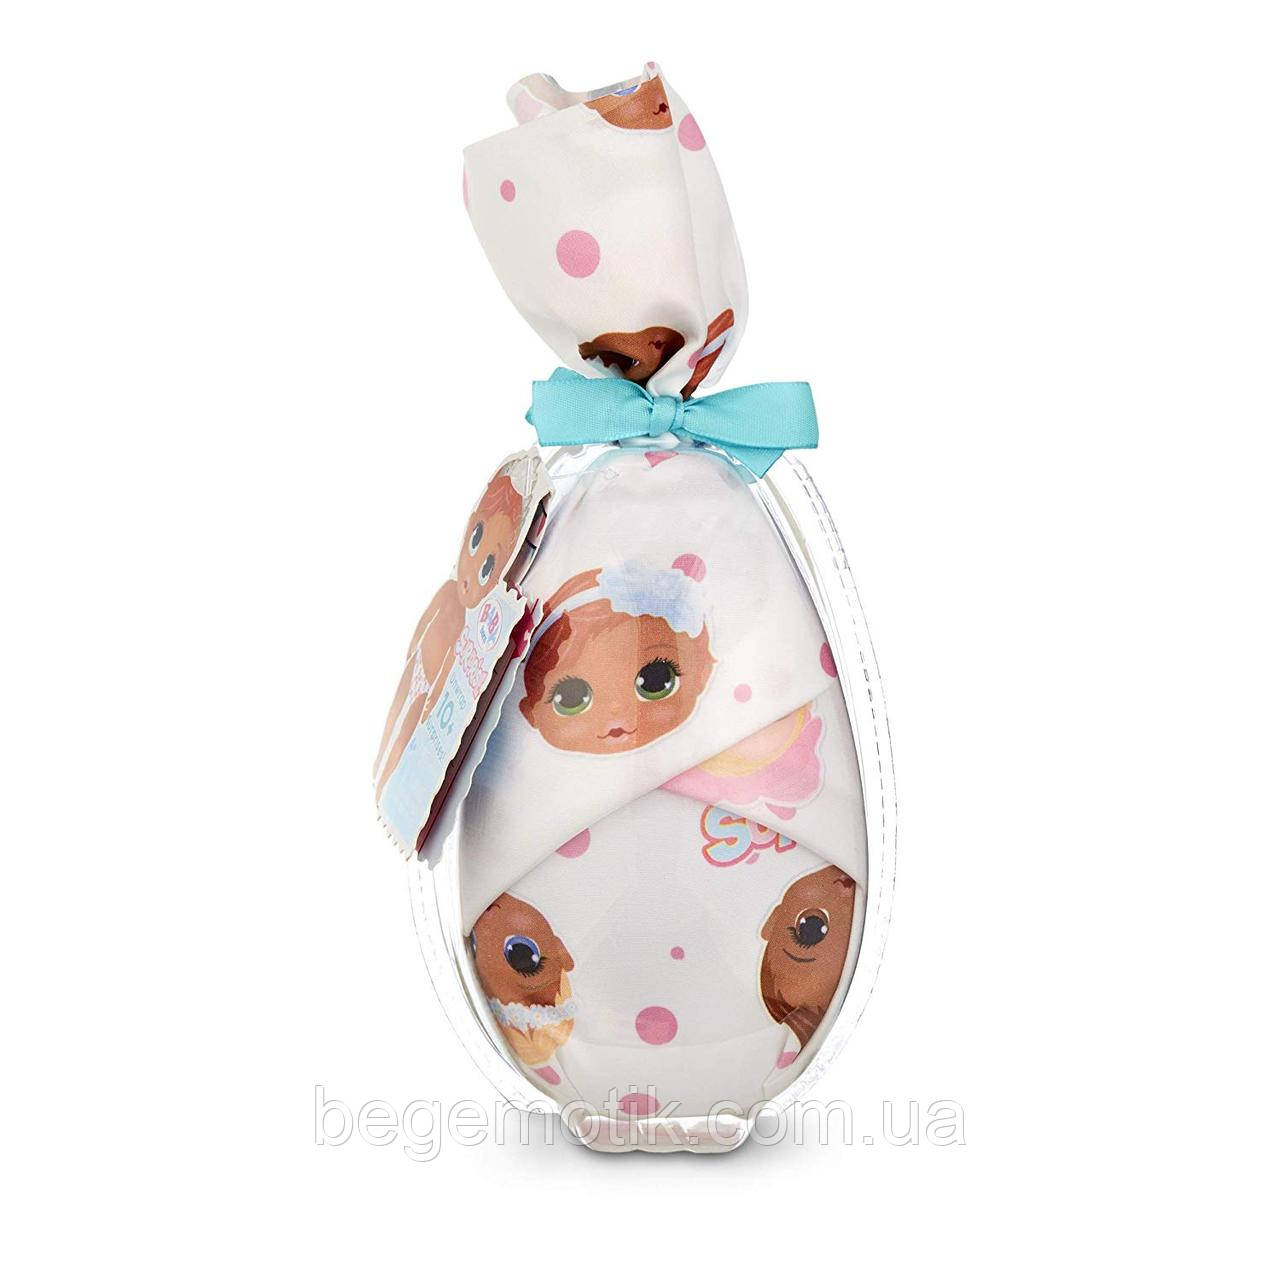 Игровой набор с куклой Беби Борн Baby Born Surprise Series 2 Очаровательный сюрприз серия 2